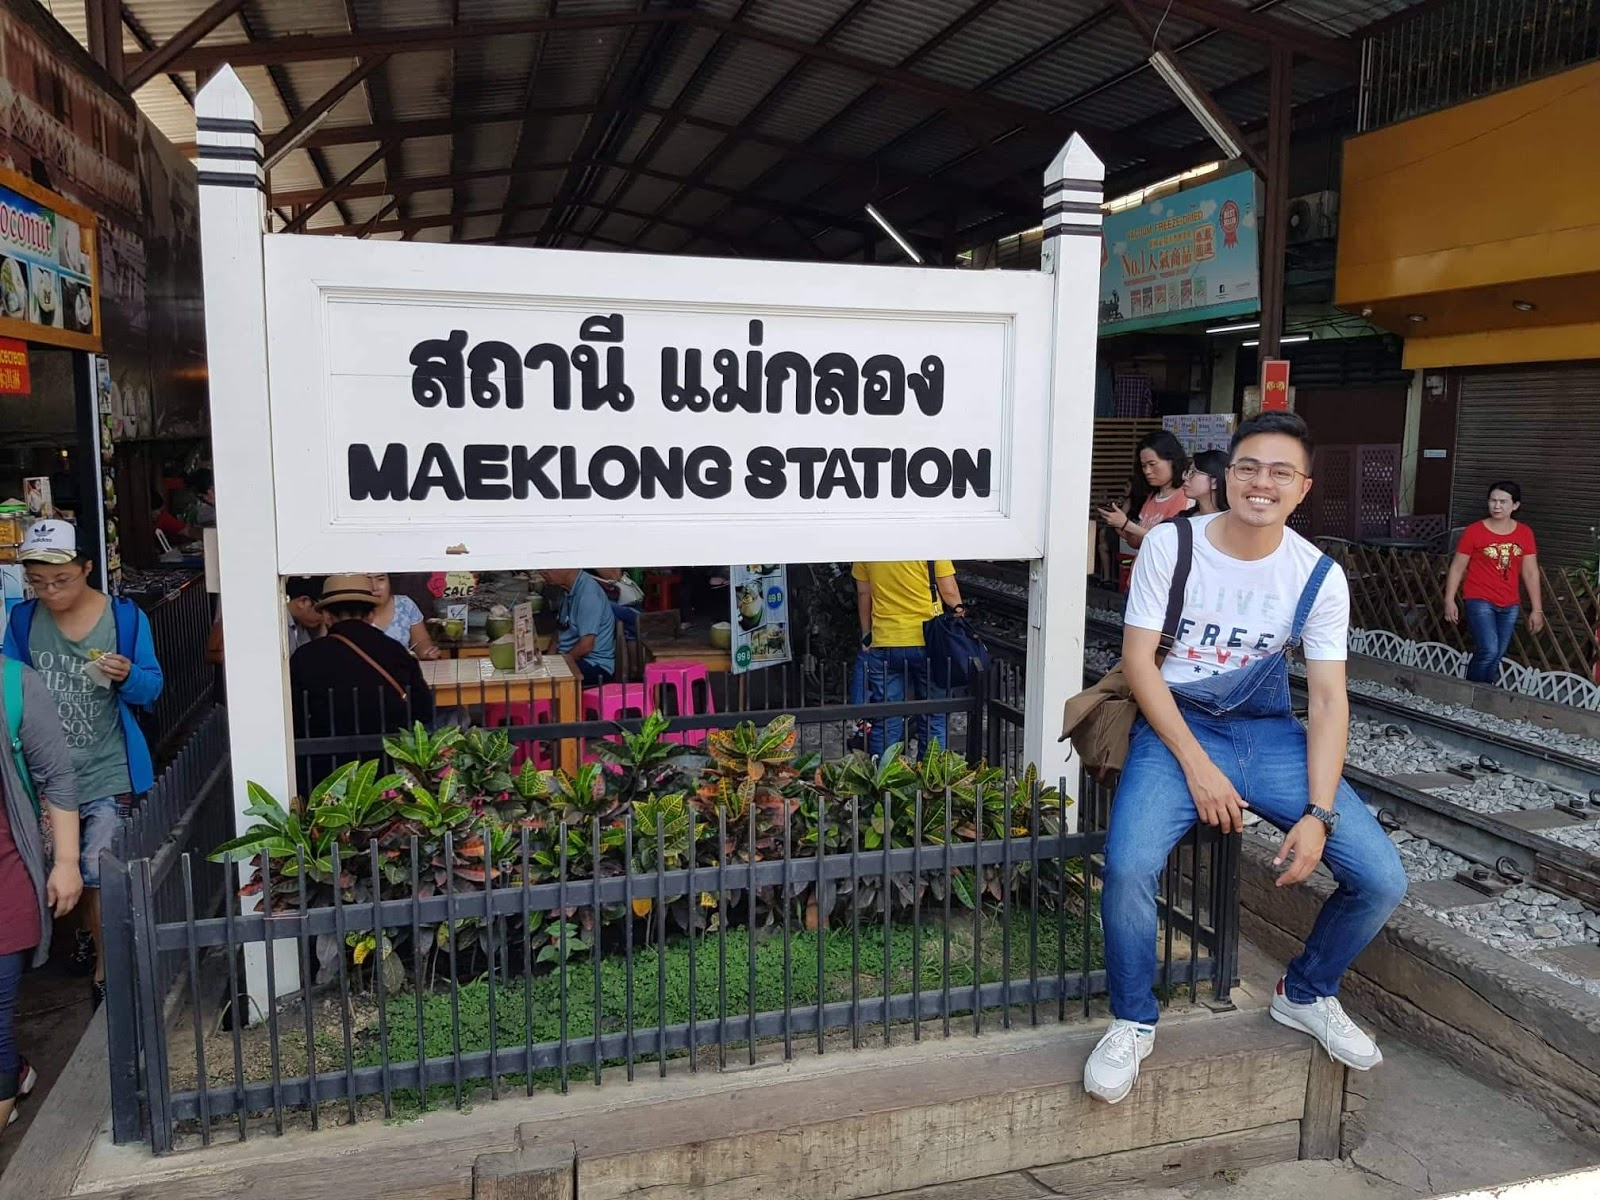 BAGAIMANA HENDAK PERGI KE MAEKLONG RAILWAY MARKET DARI BANGKOK